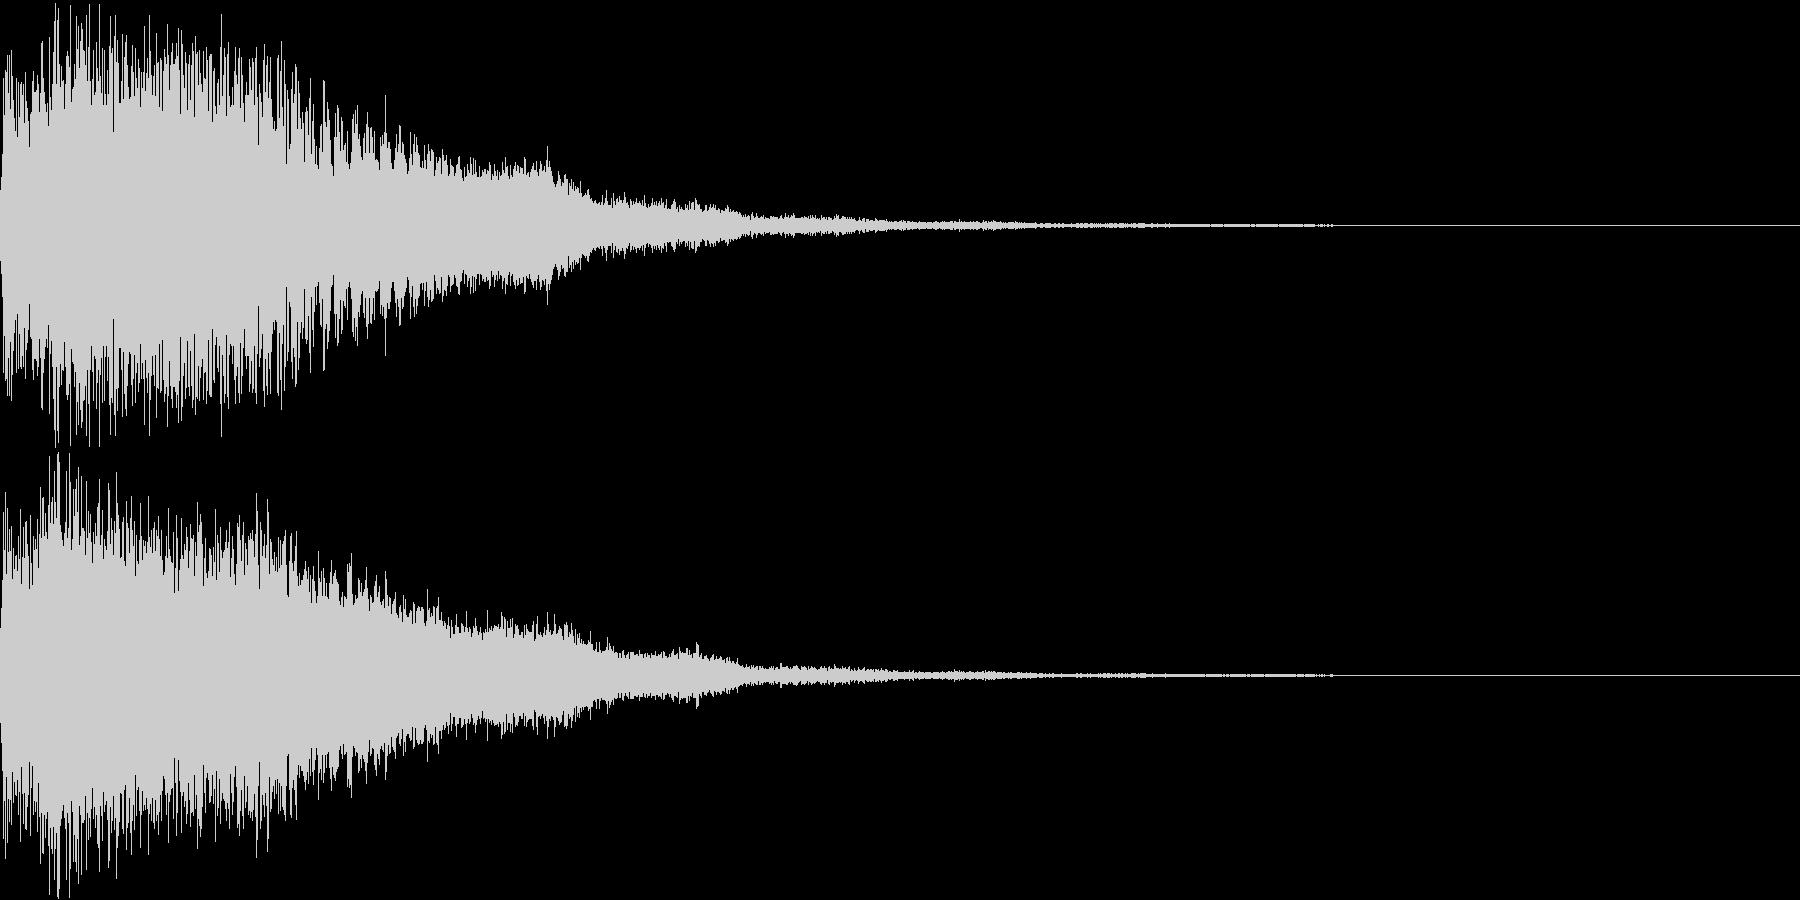 ロボット 合体 ガシーン キュイン 32の未再生の波形